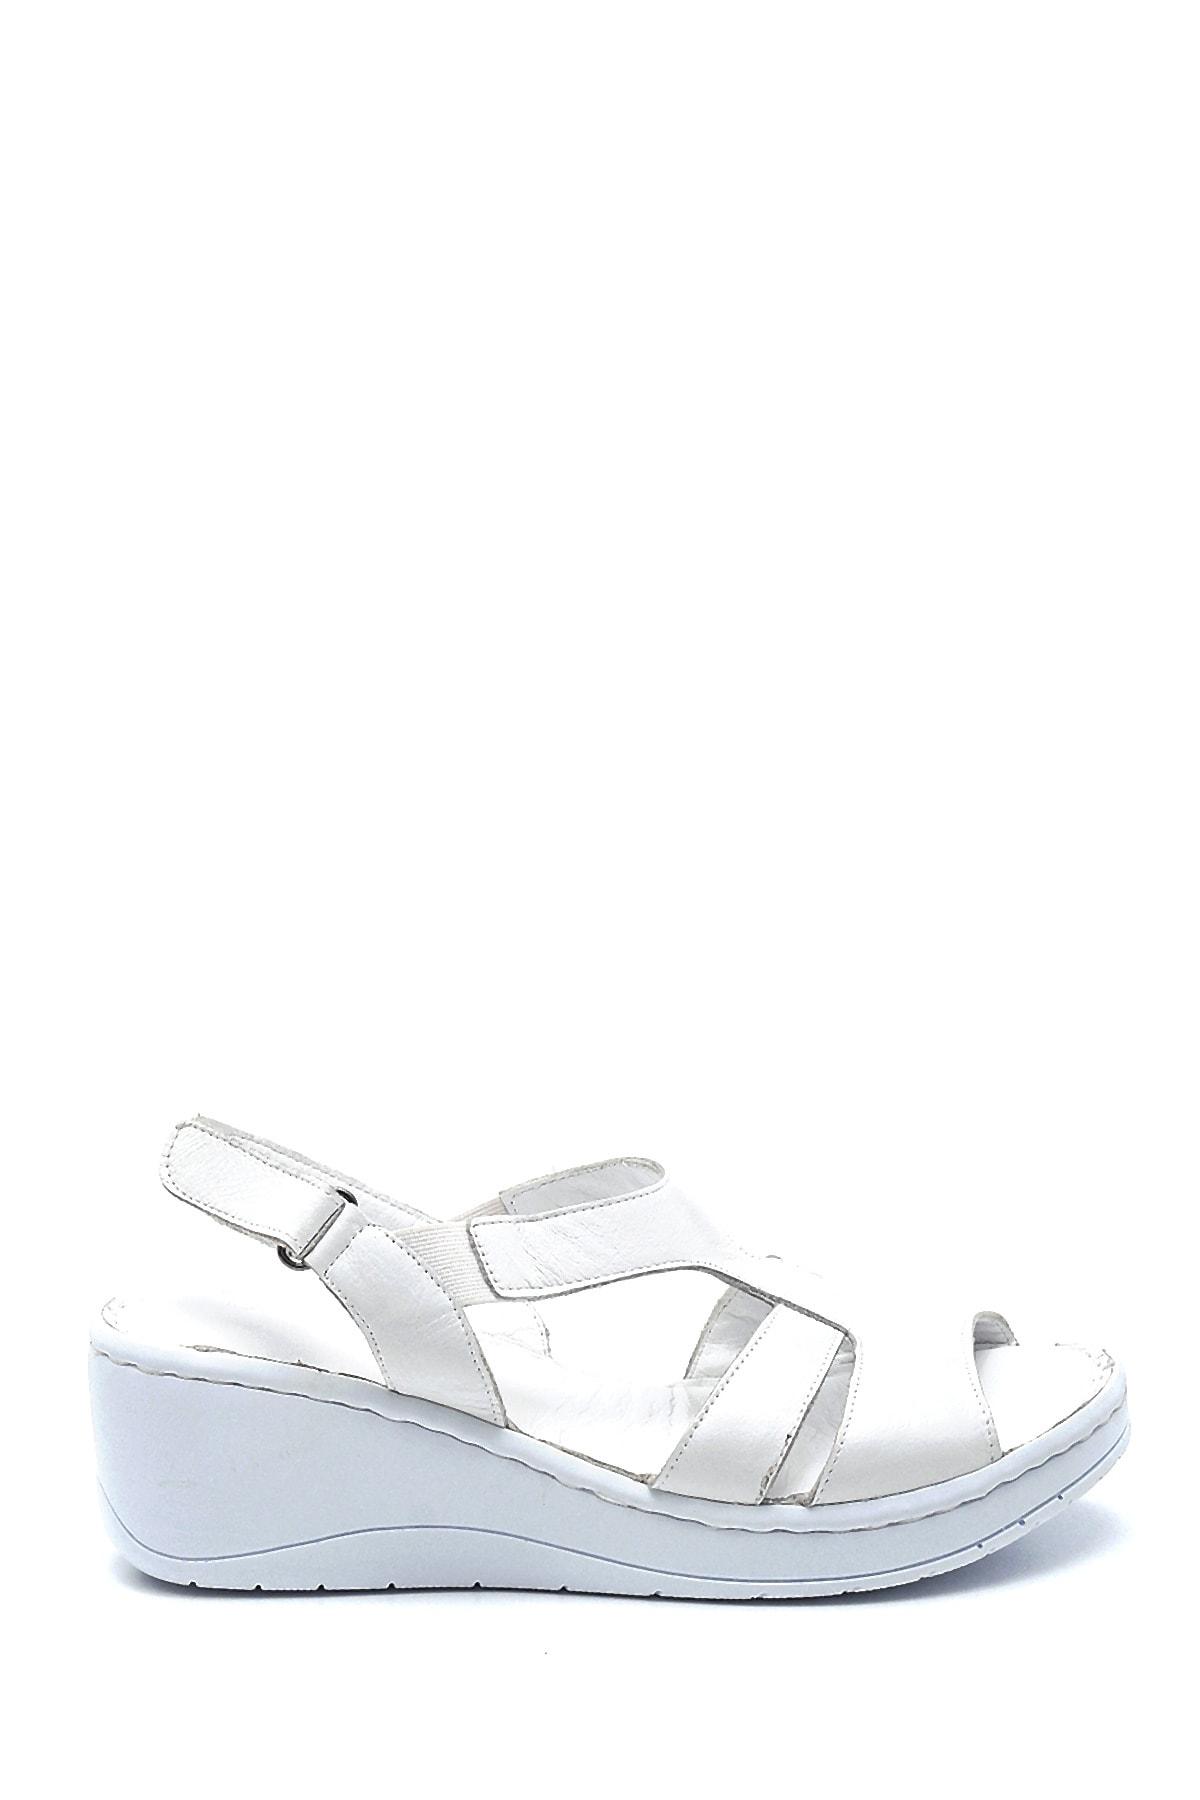 Kadın Comfort Dolgu Topuk Deri Sandalet